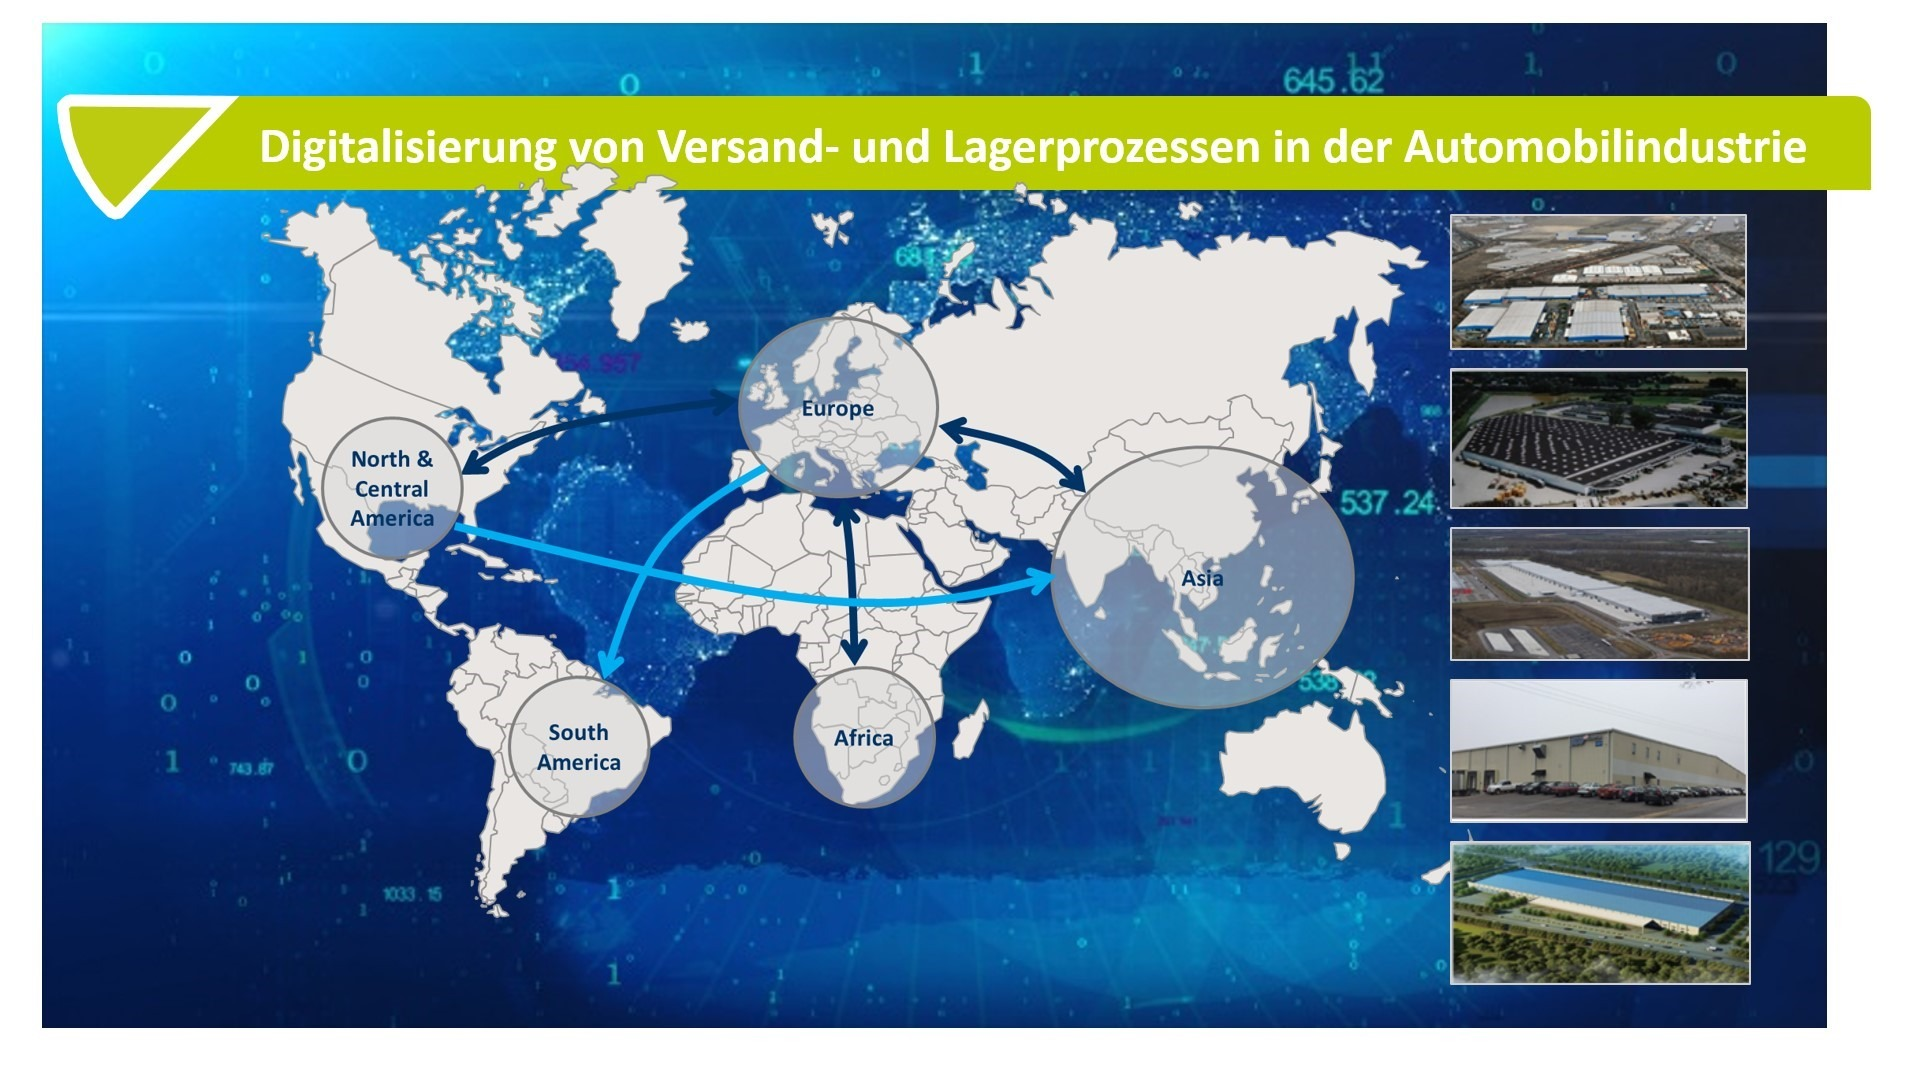 Digitale-Transformation-bei Versand-und-Lagerprozessen-in-der-Automobilindustrie